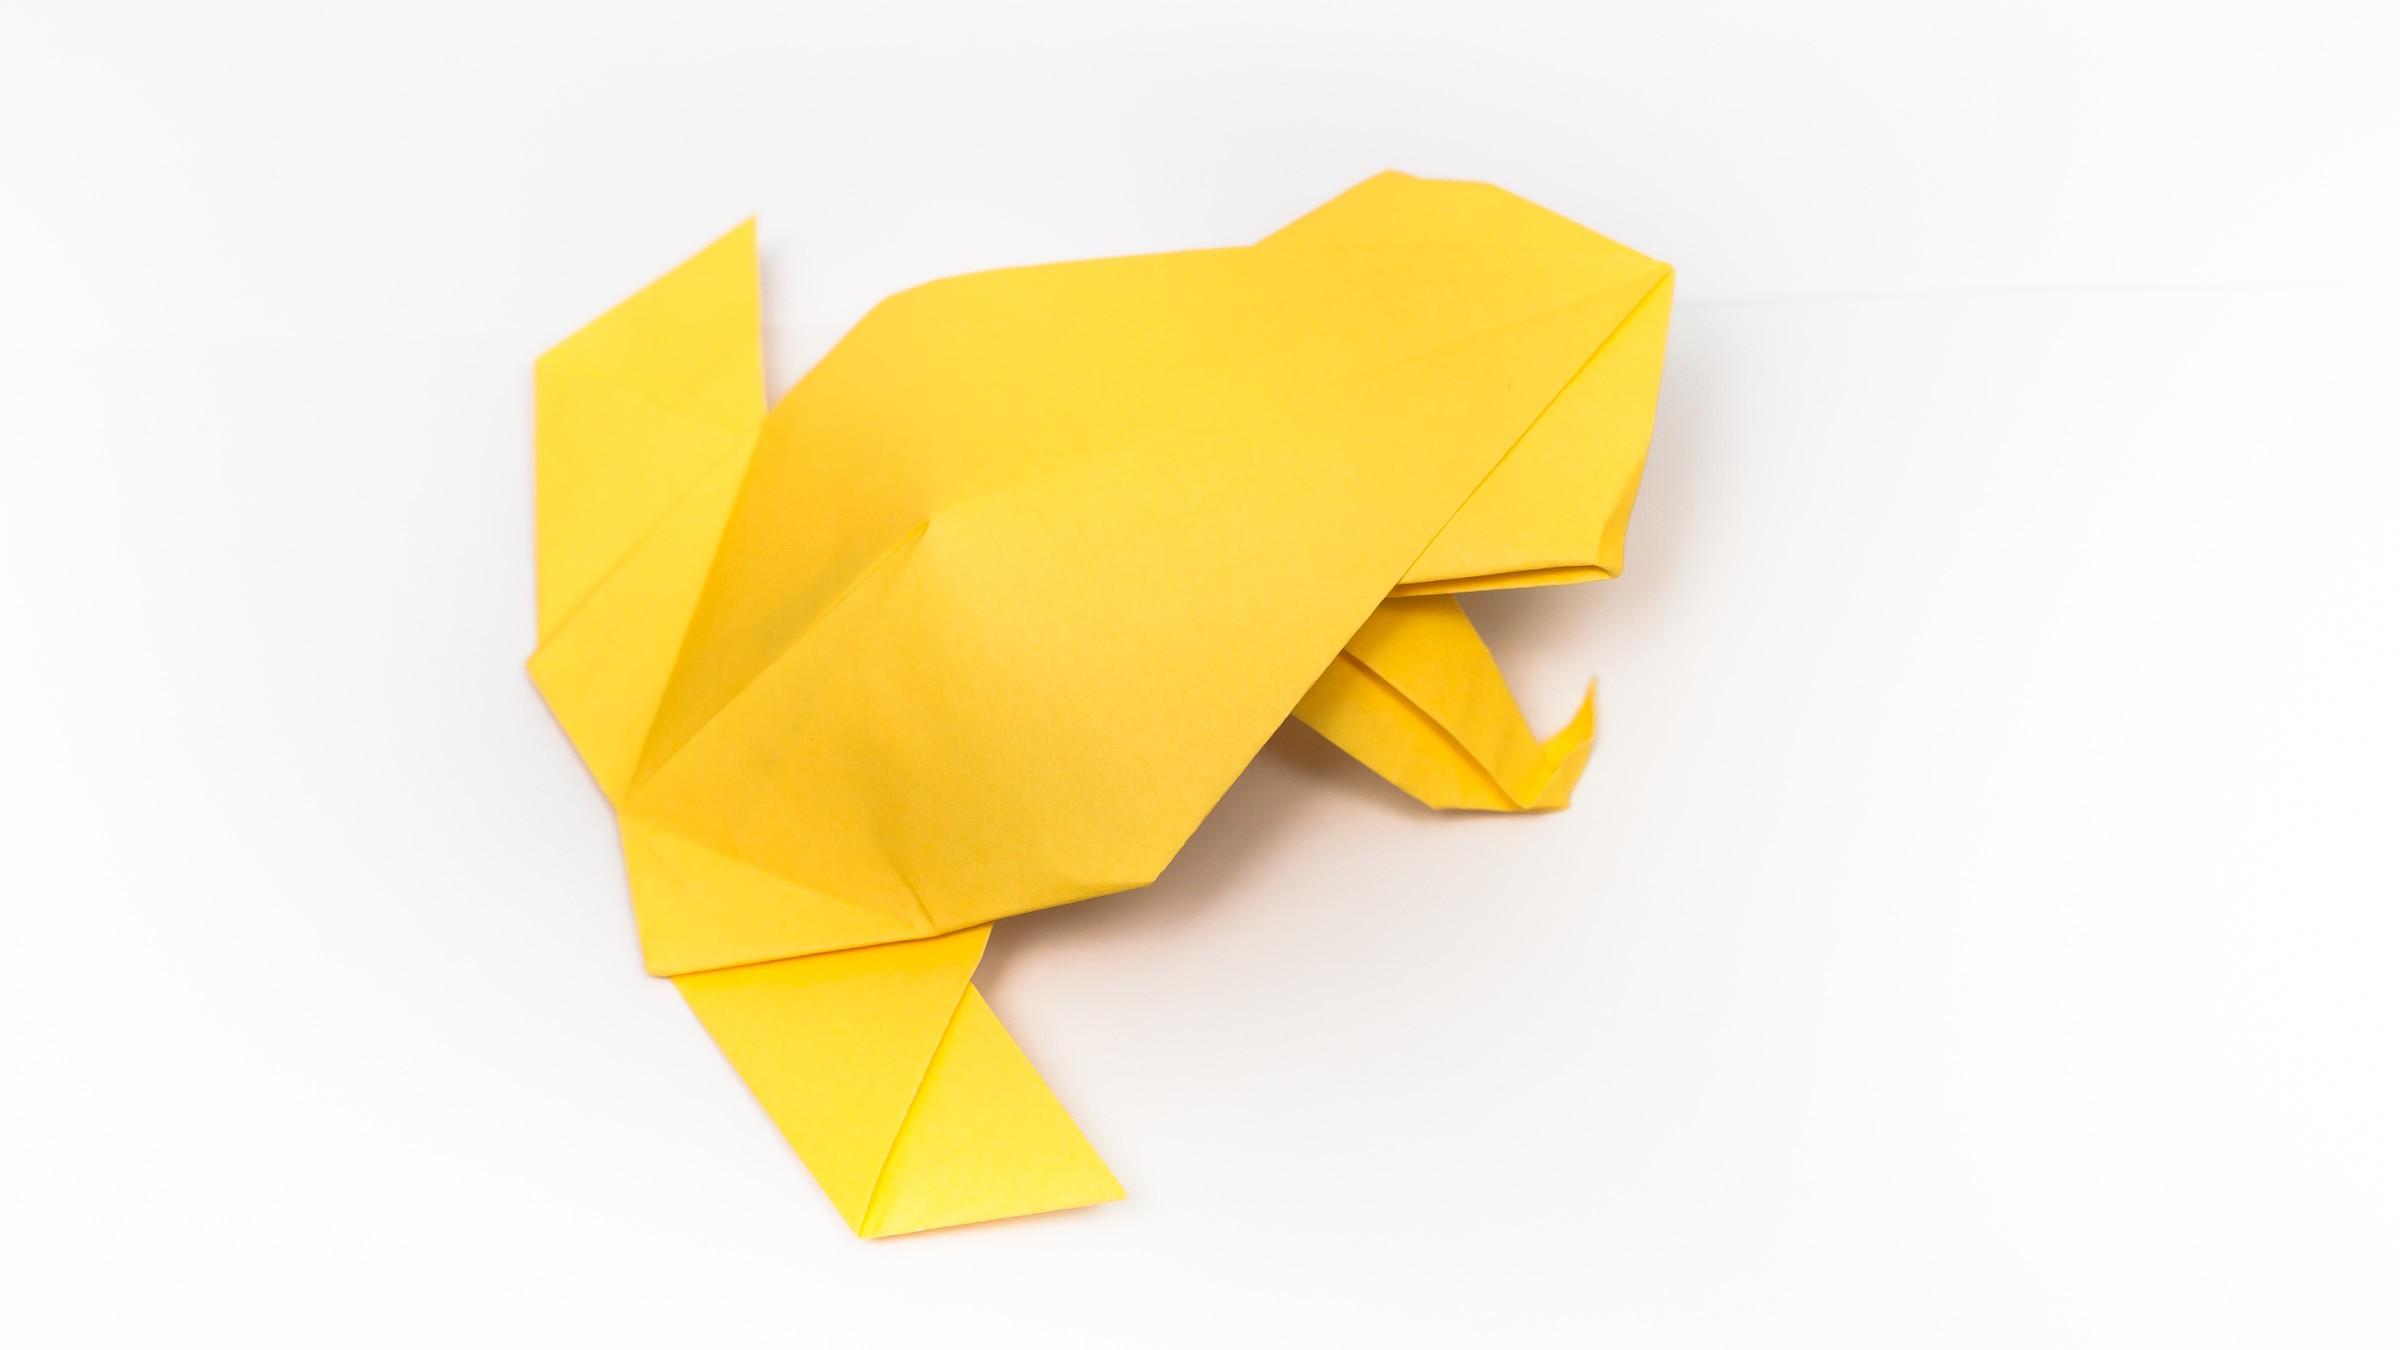 วิธีการพับกระดาษเป็นรูปกบสไตล์โคลับเบี้ยน (Origami Frog) 001